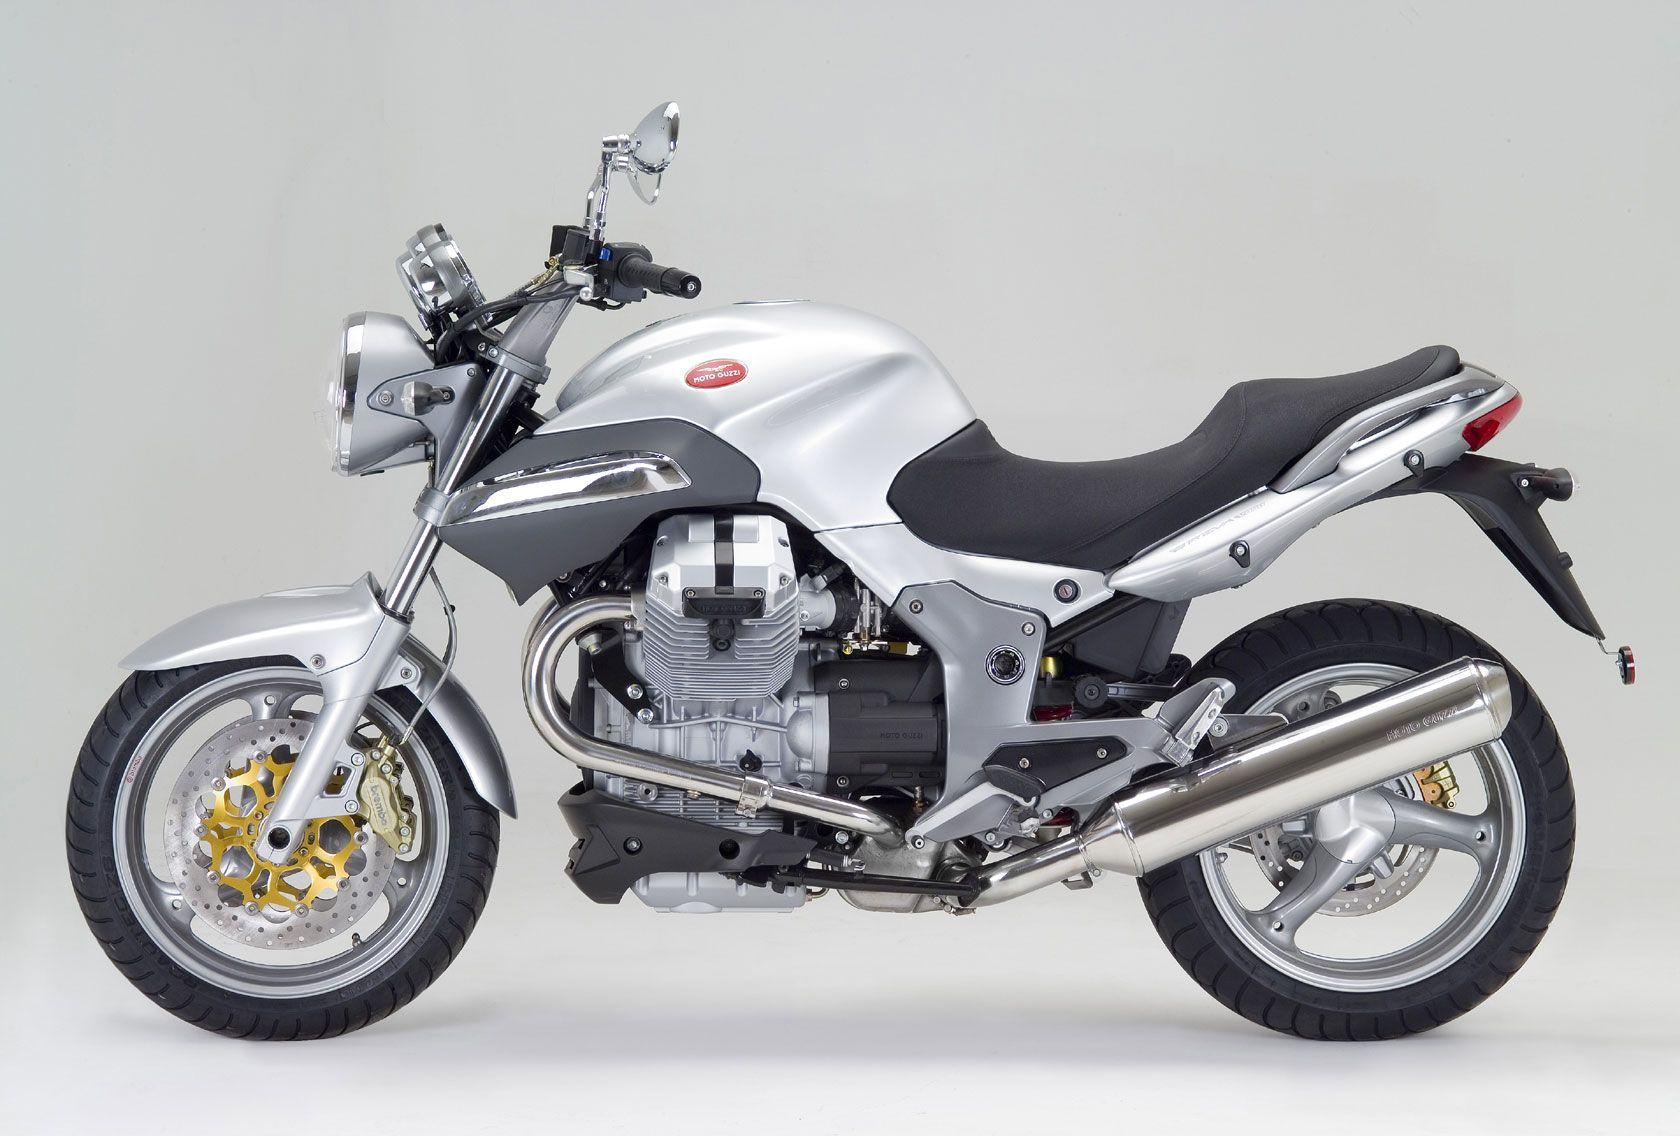 2010 Moto Guzzi Breva 1100